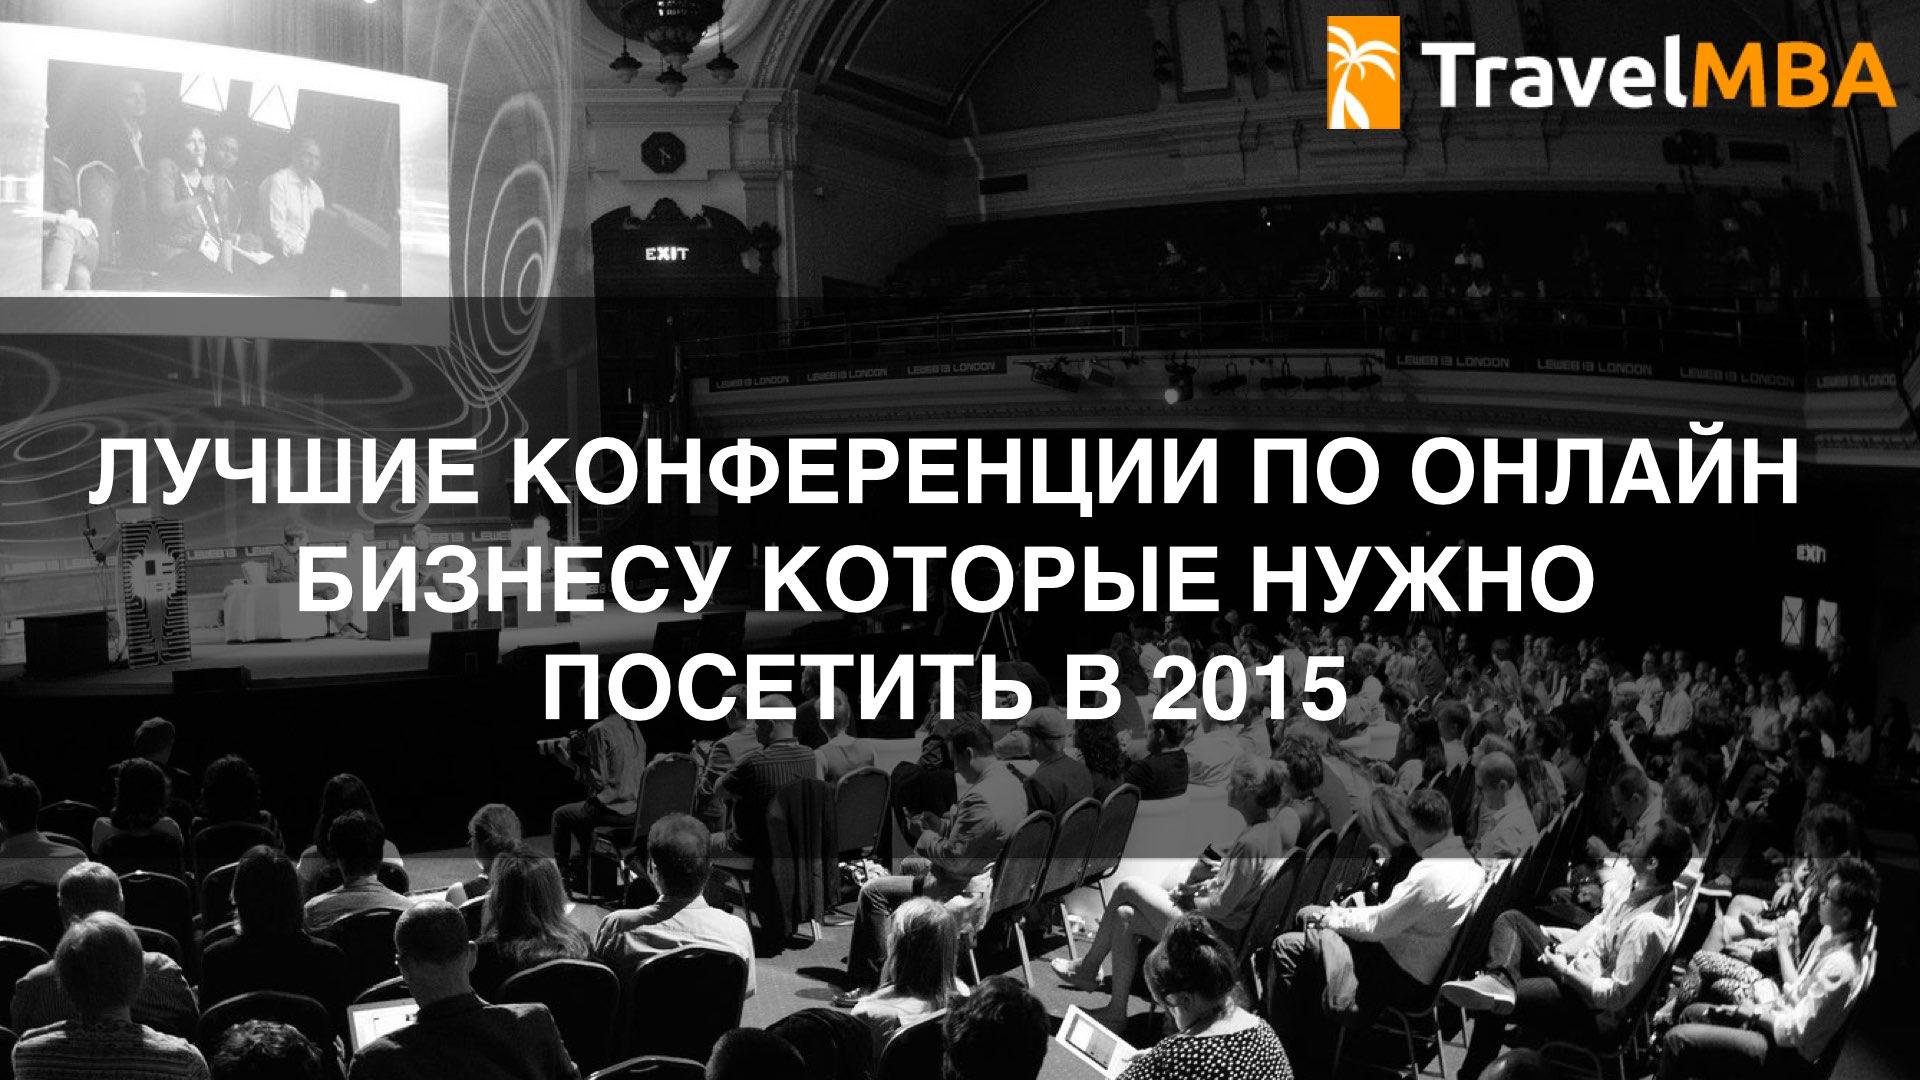 Куда поехать: лучшие конференции по онлайн бизнесу в 2015 году